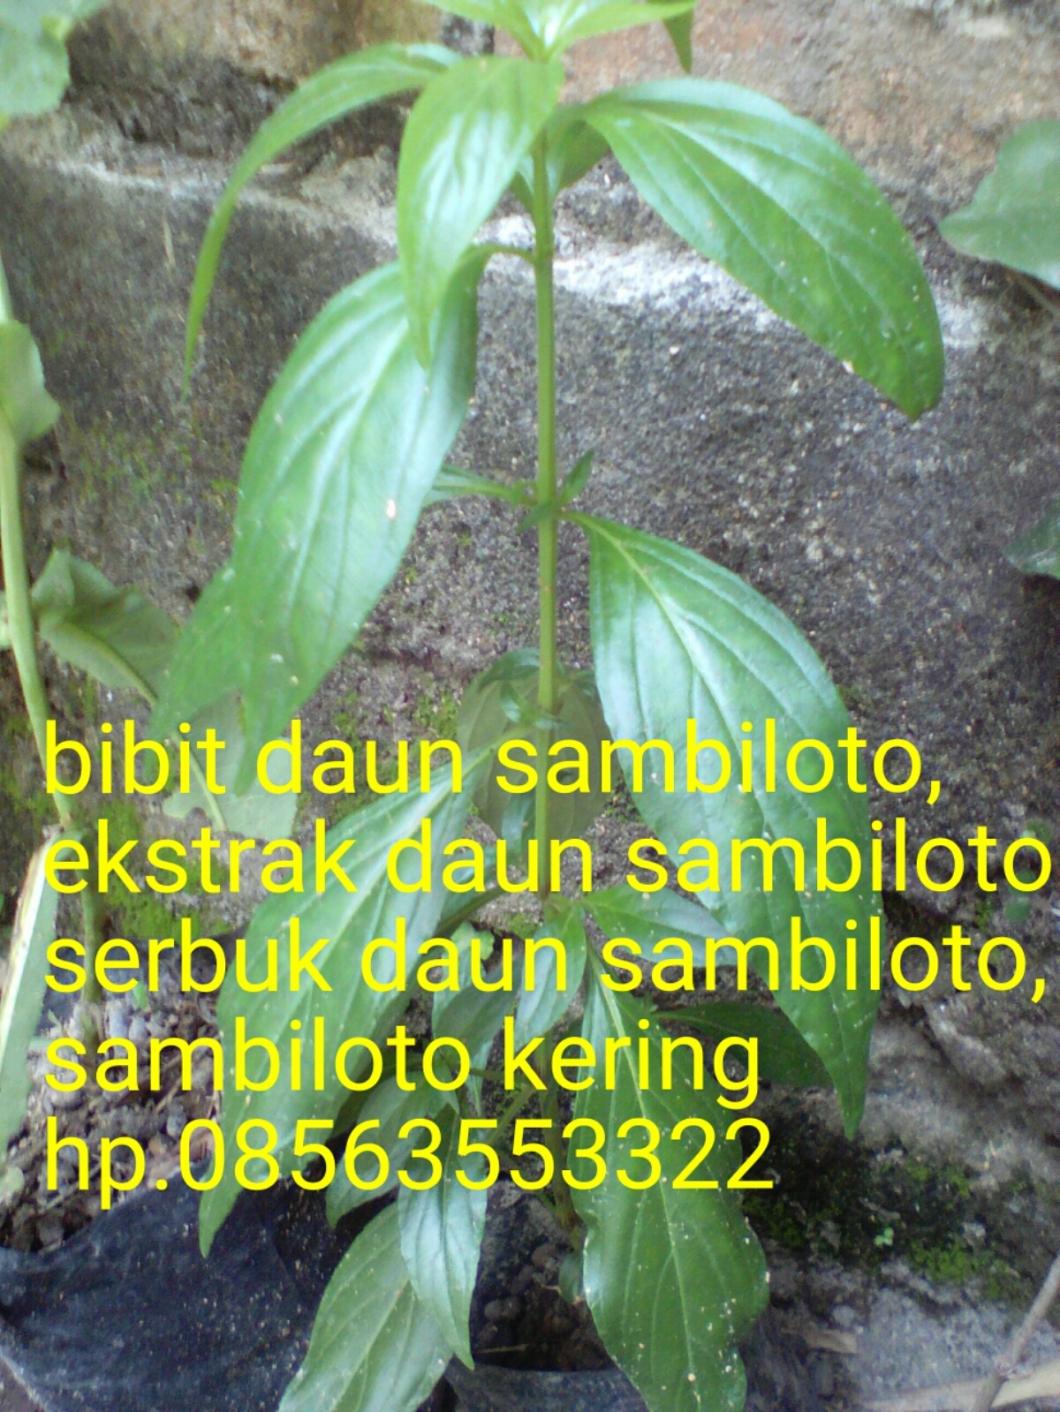 Sambiloto